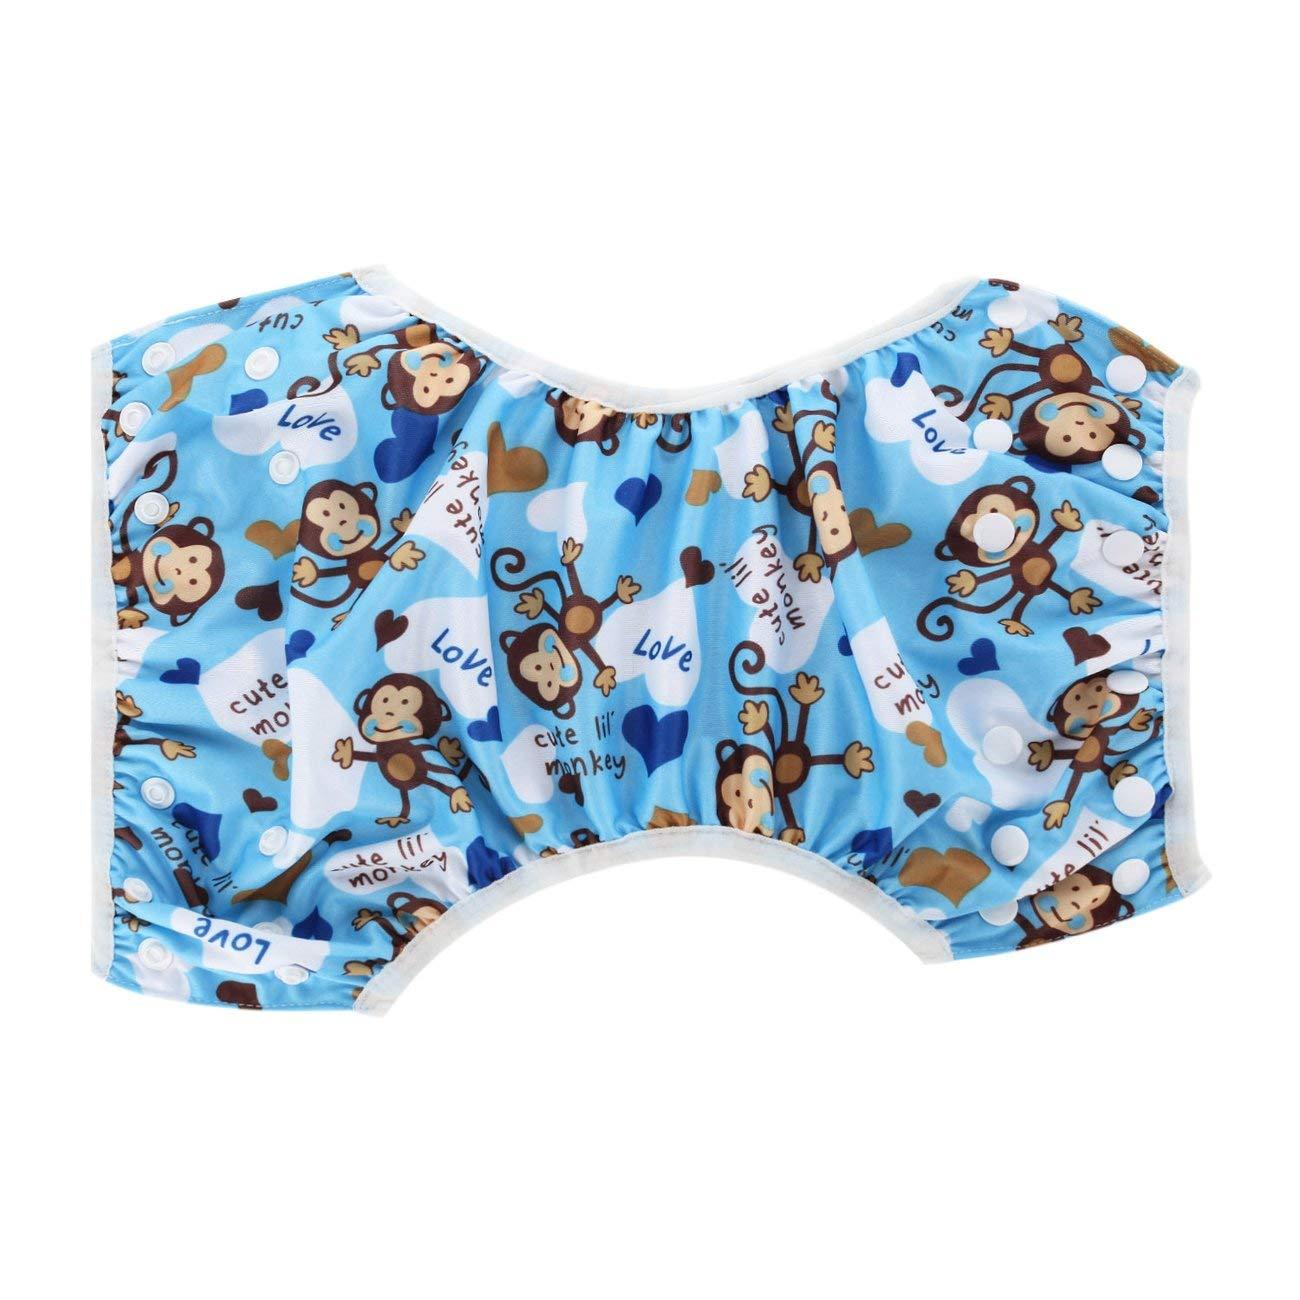 Fannty Wiederverwendbare Baby-Schwimmwindeln Waschbare Abdeckung f/ür Schwimmer